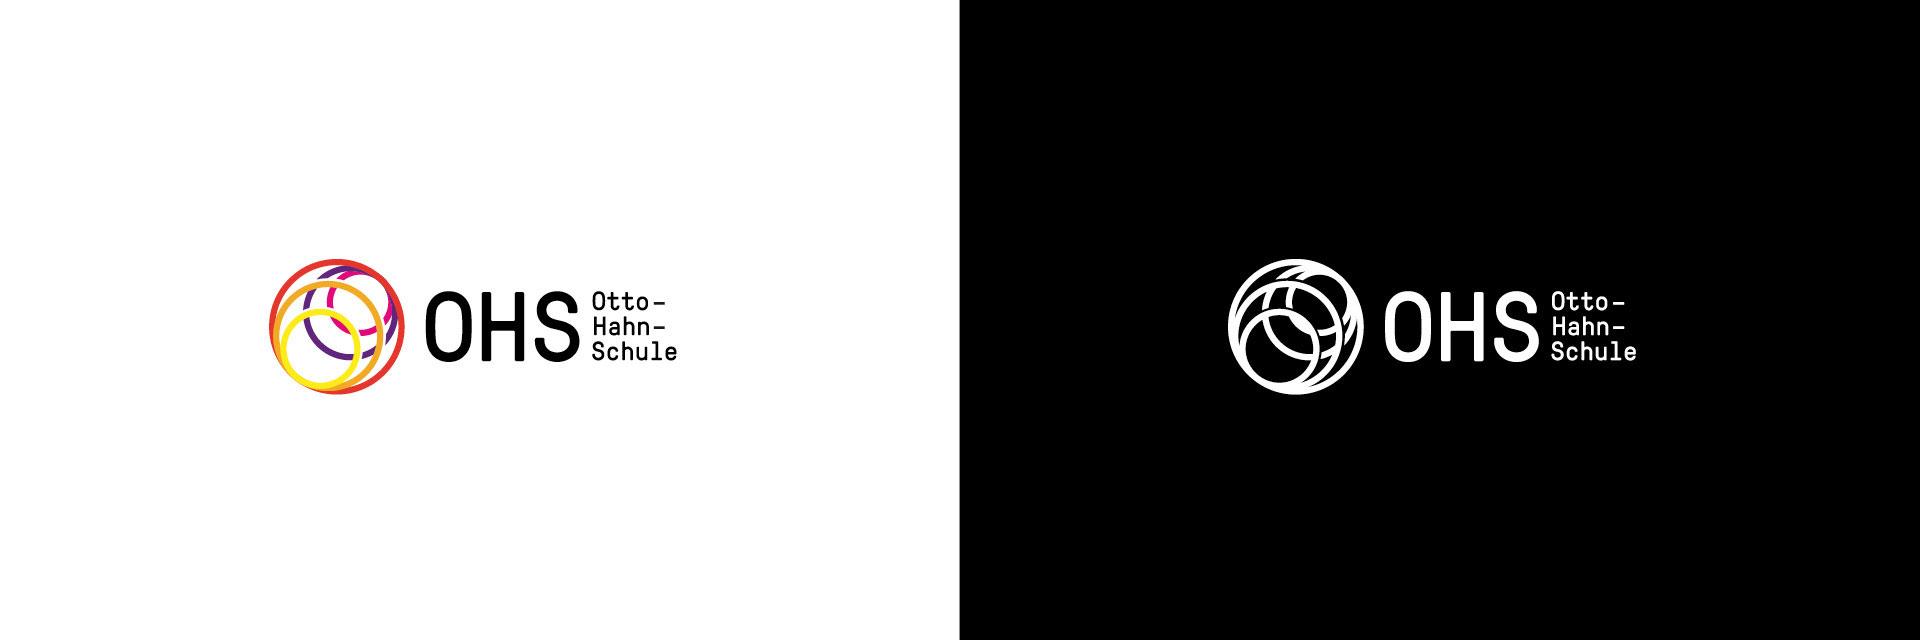 Otto-Hahn-Schule Logo schwarz-weiß und in Farbe